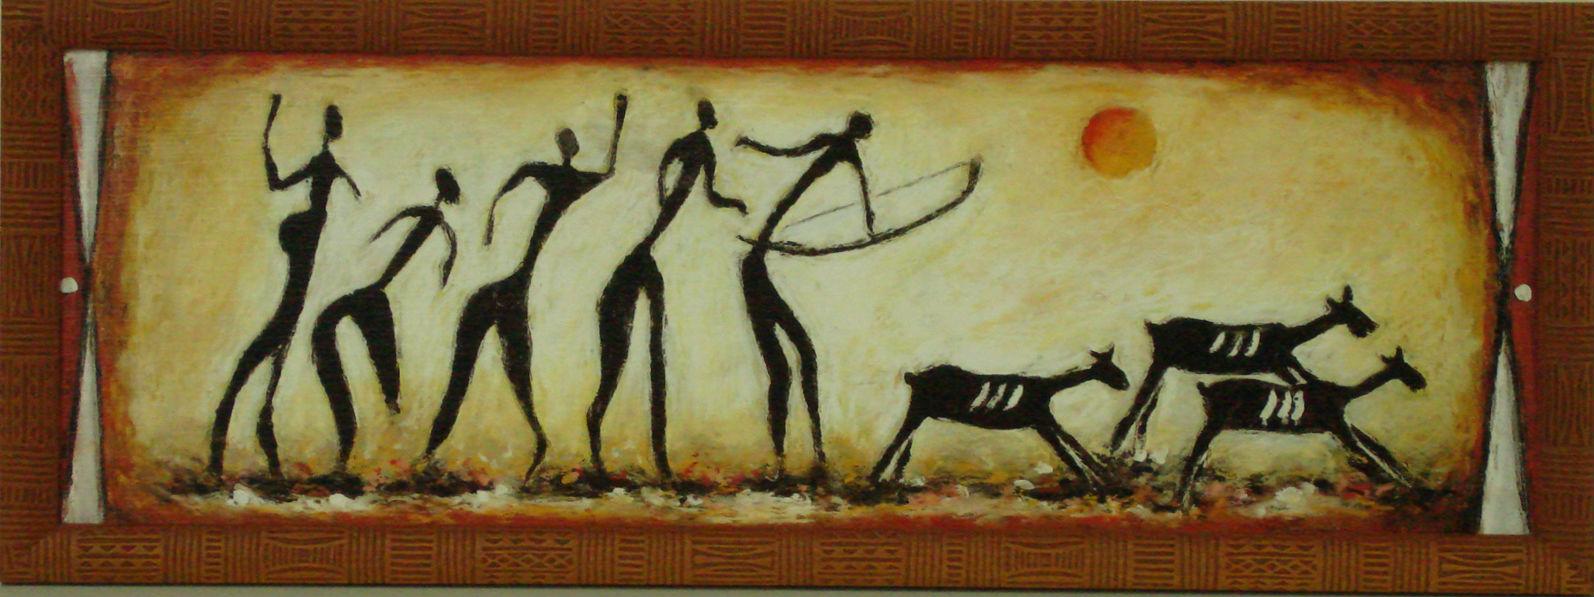 мама наскальная живопись первобытных людей картинки охота искусственные